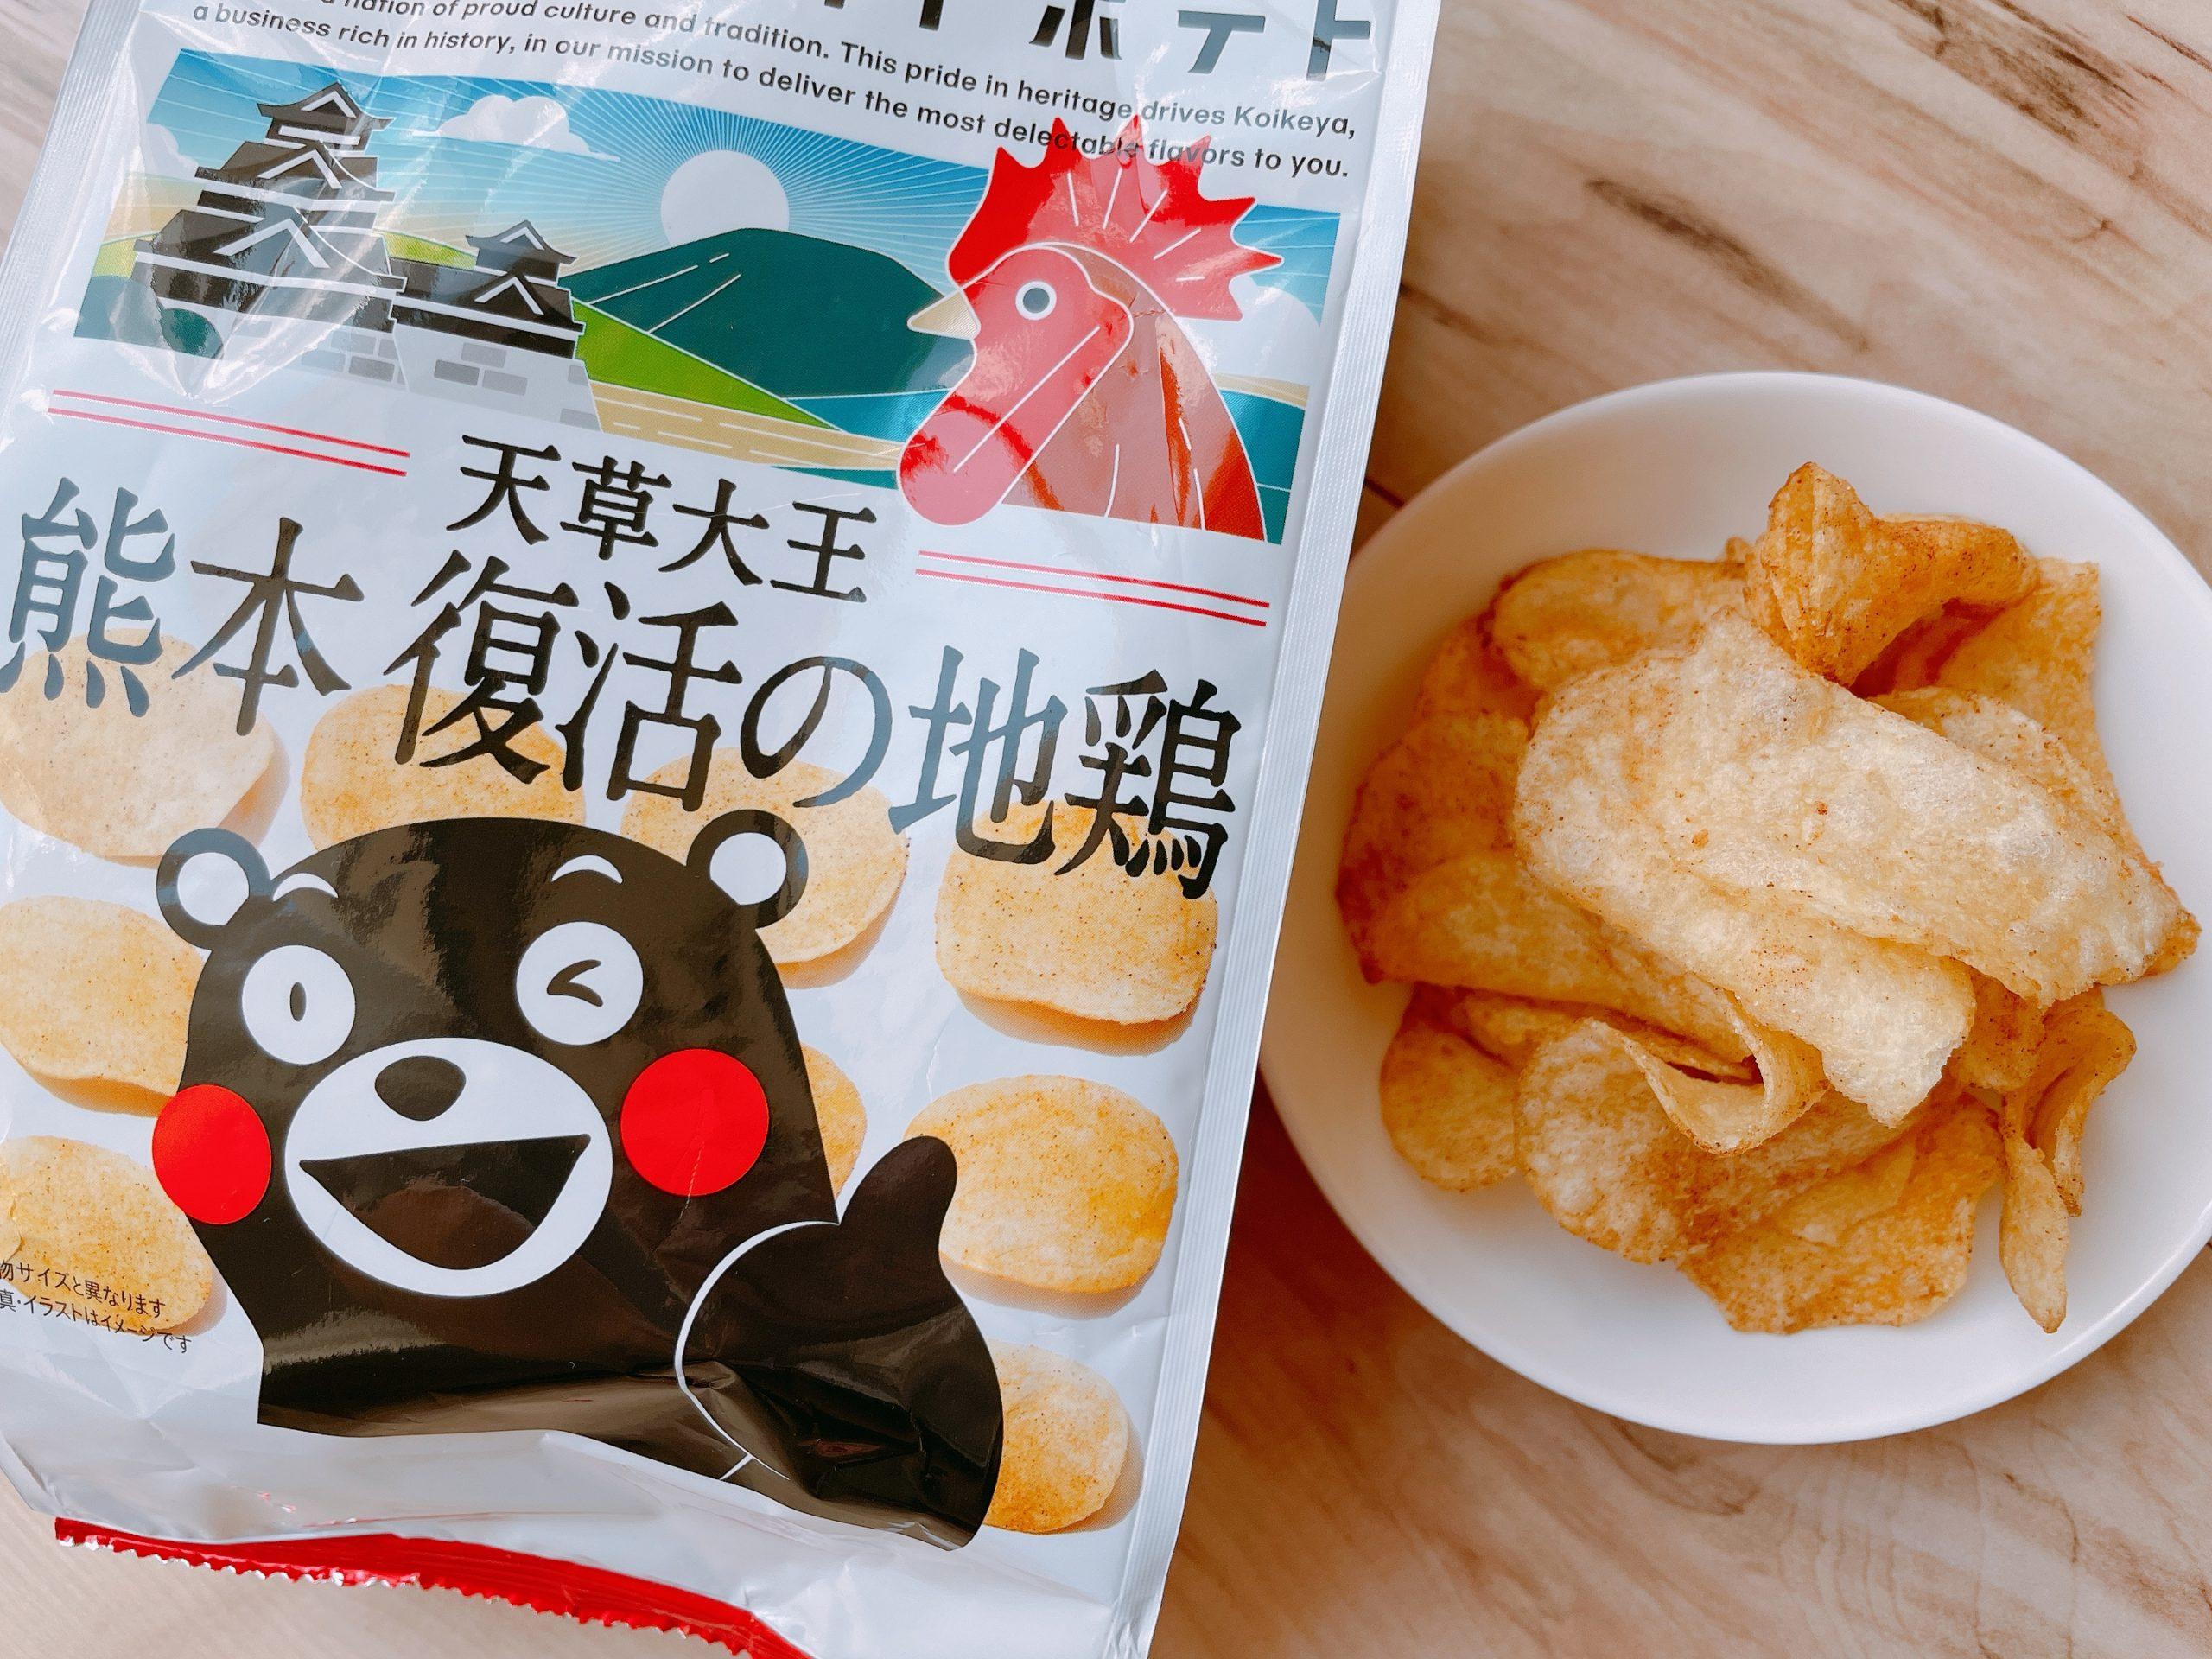 プライドポテト<熊本 復活の地鶏>食べだすとなぜかクセになる